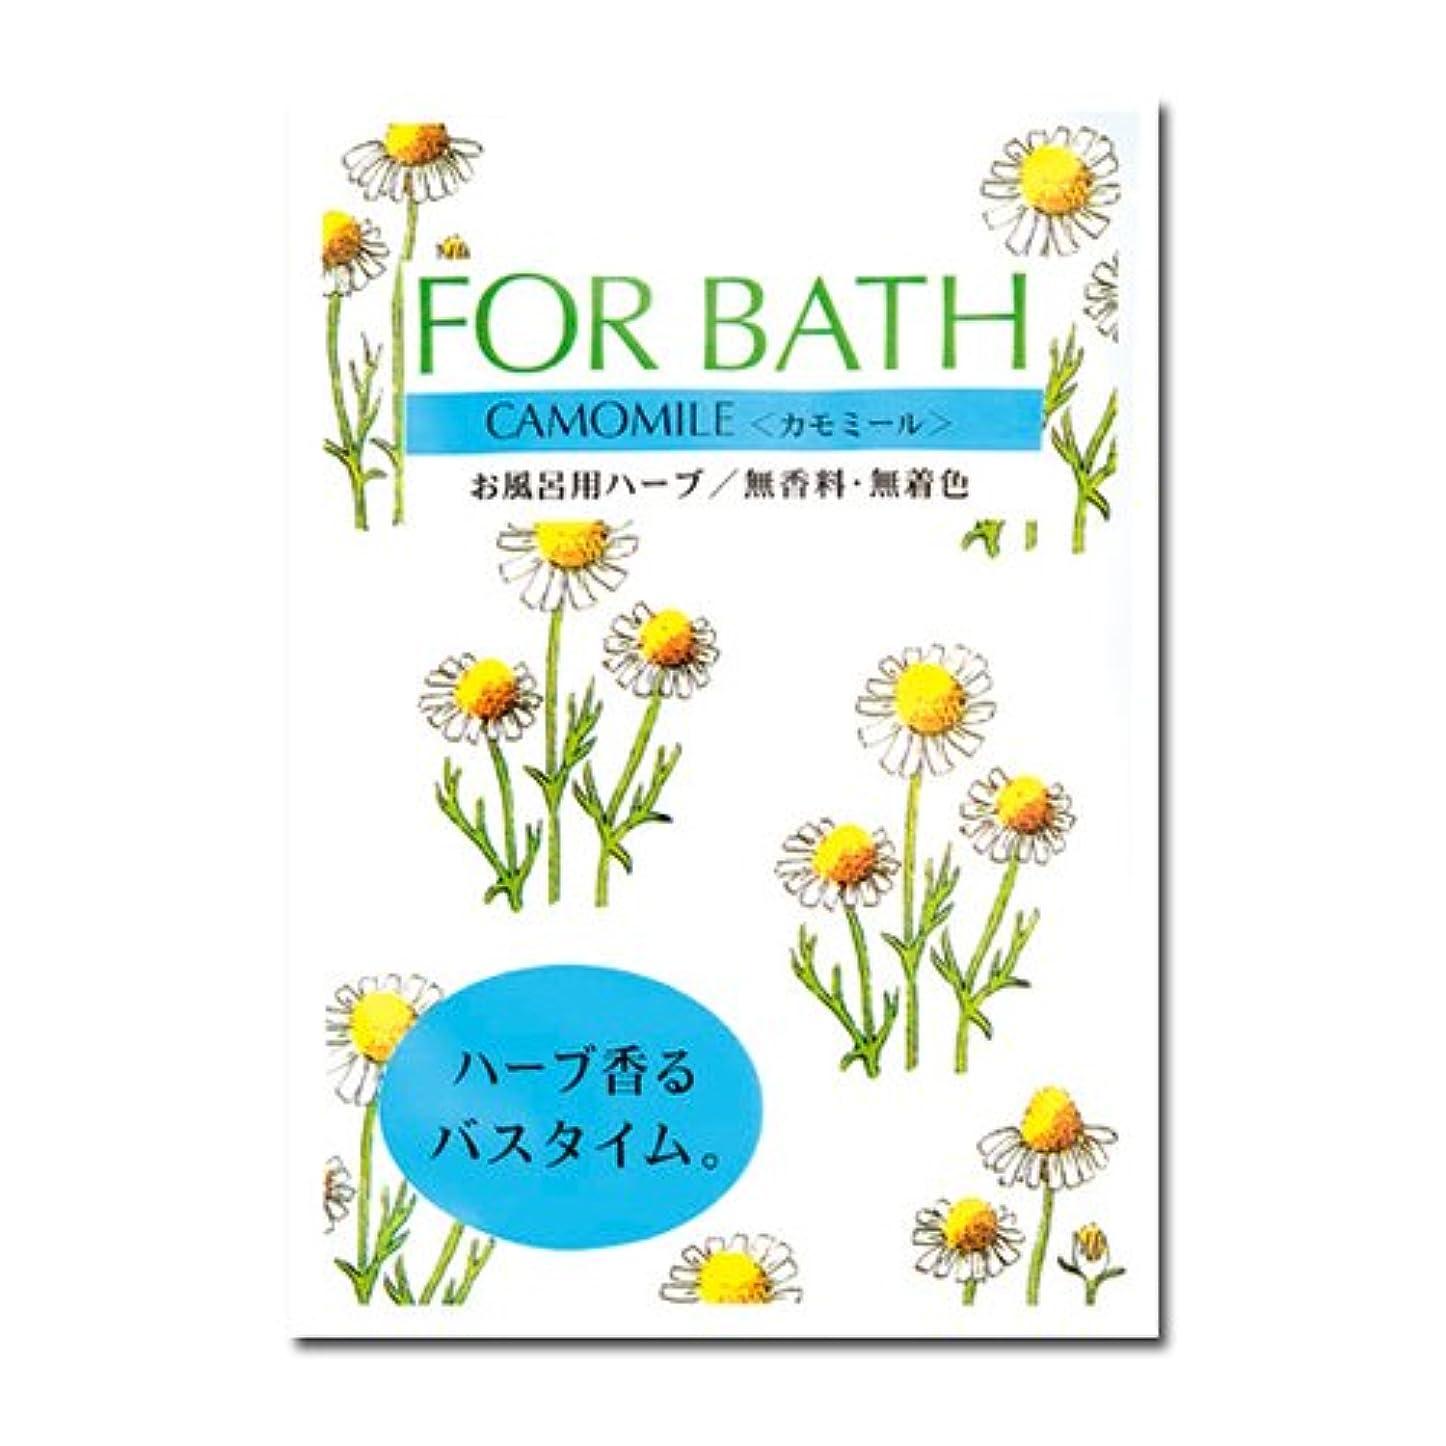 フォアバス カモミールx30袋[フォアバス/入浴剤/ハーブ]